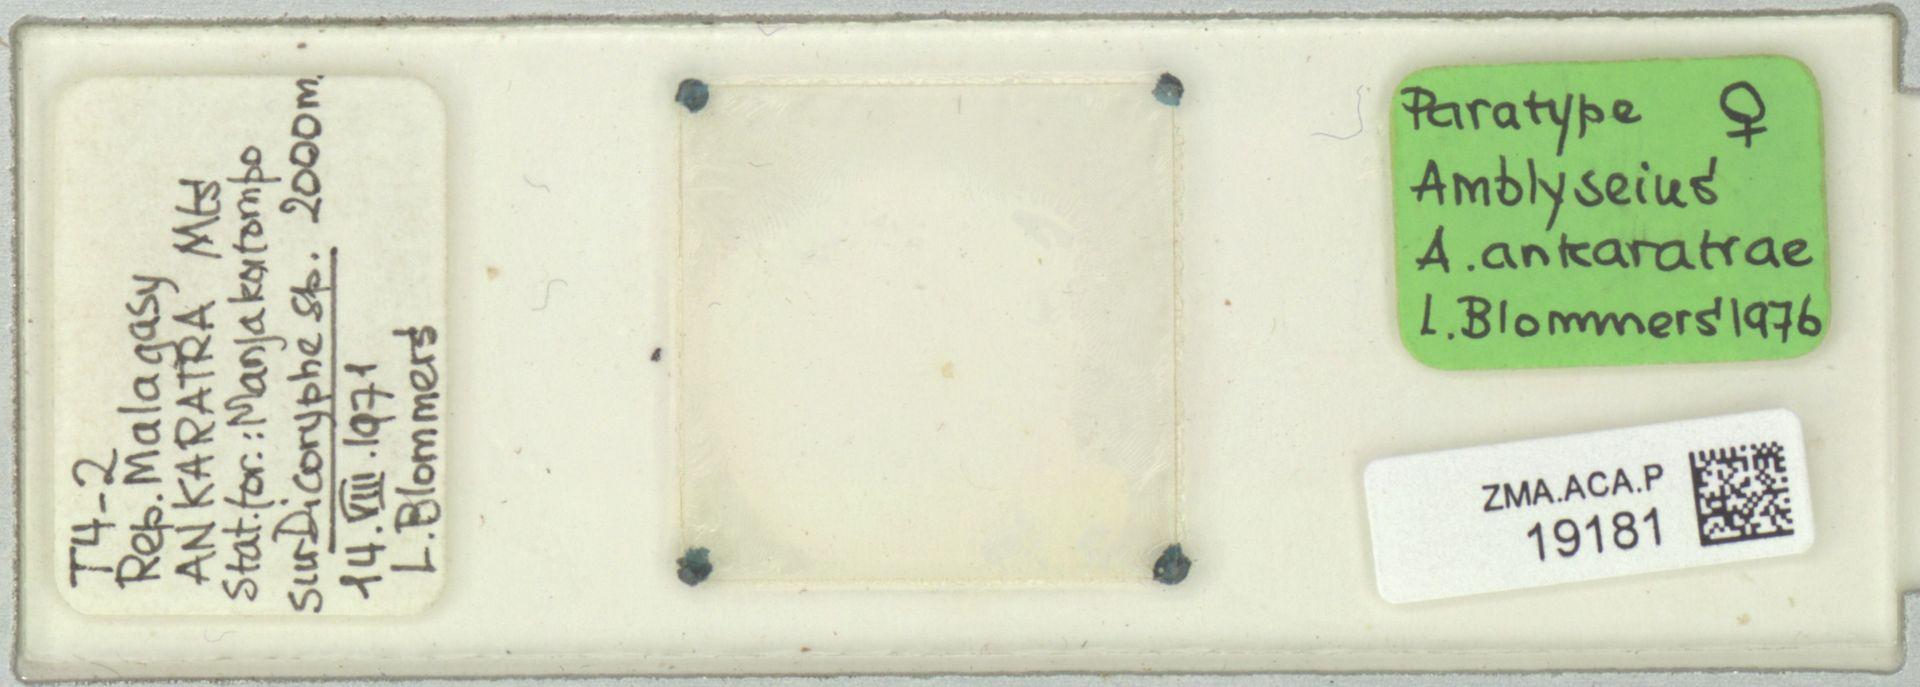 ZMA.ACA.P.19181 | Amblyseius (Amblyseius) ankaratrae Blommers, 1976